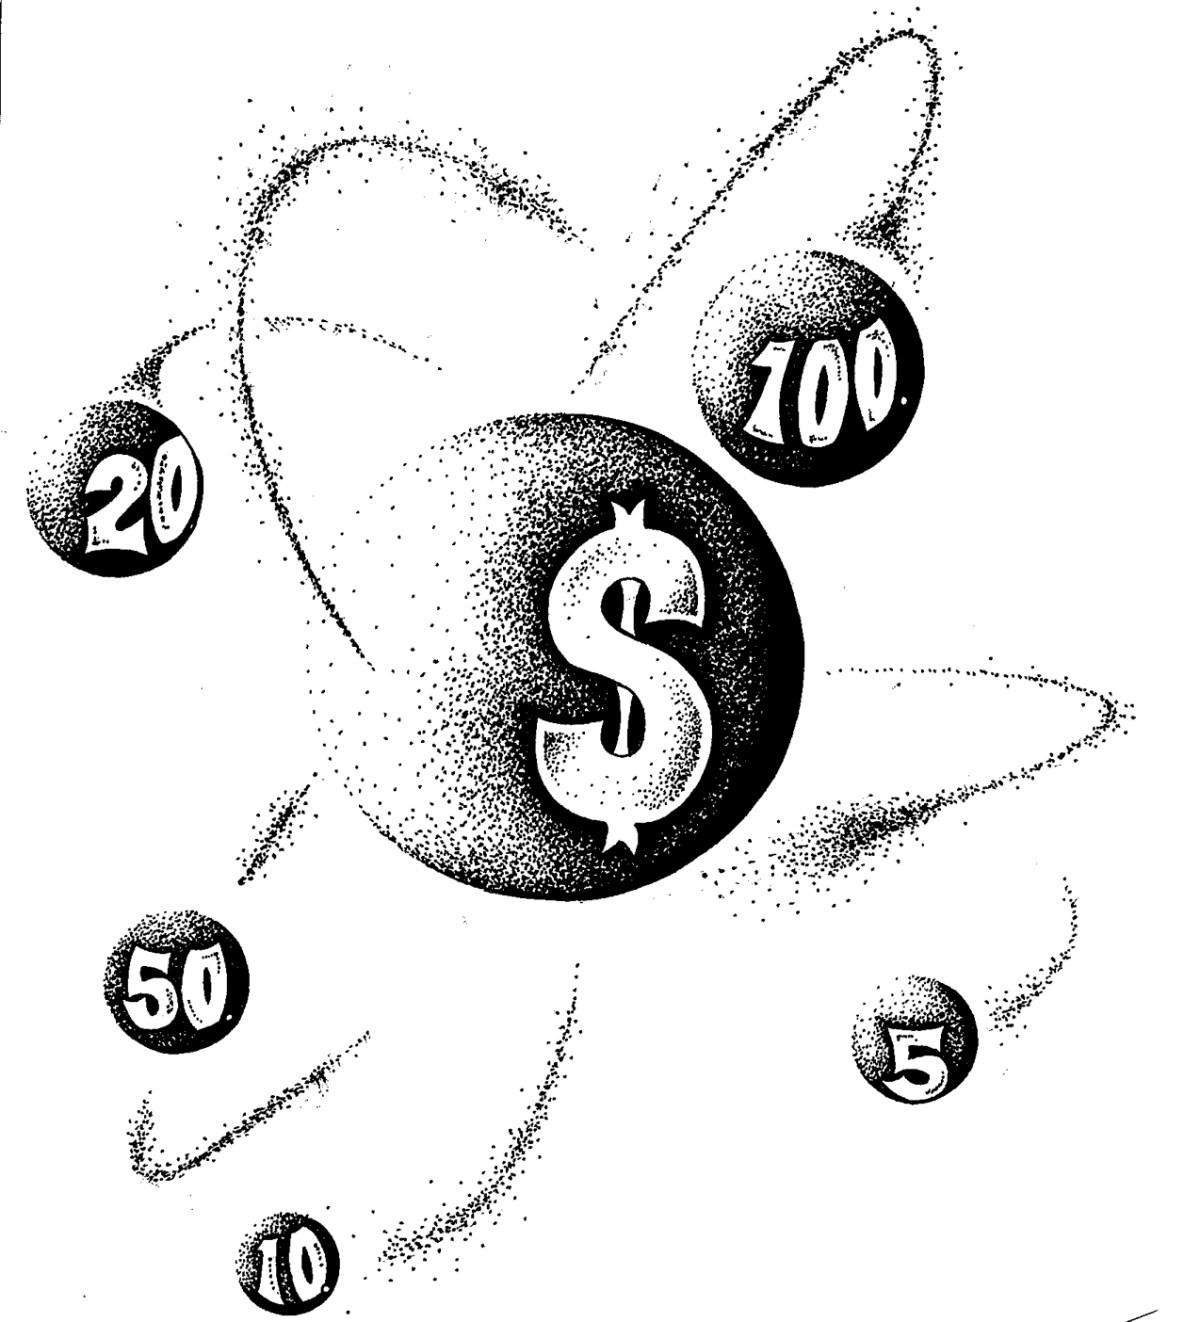 Atomic Bills Image